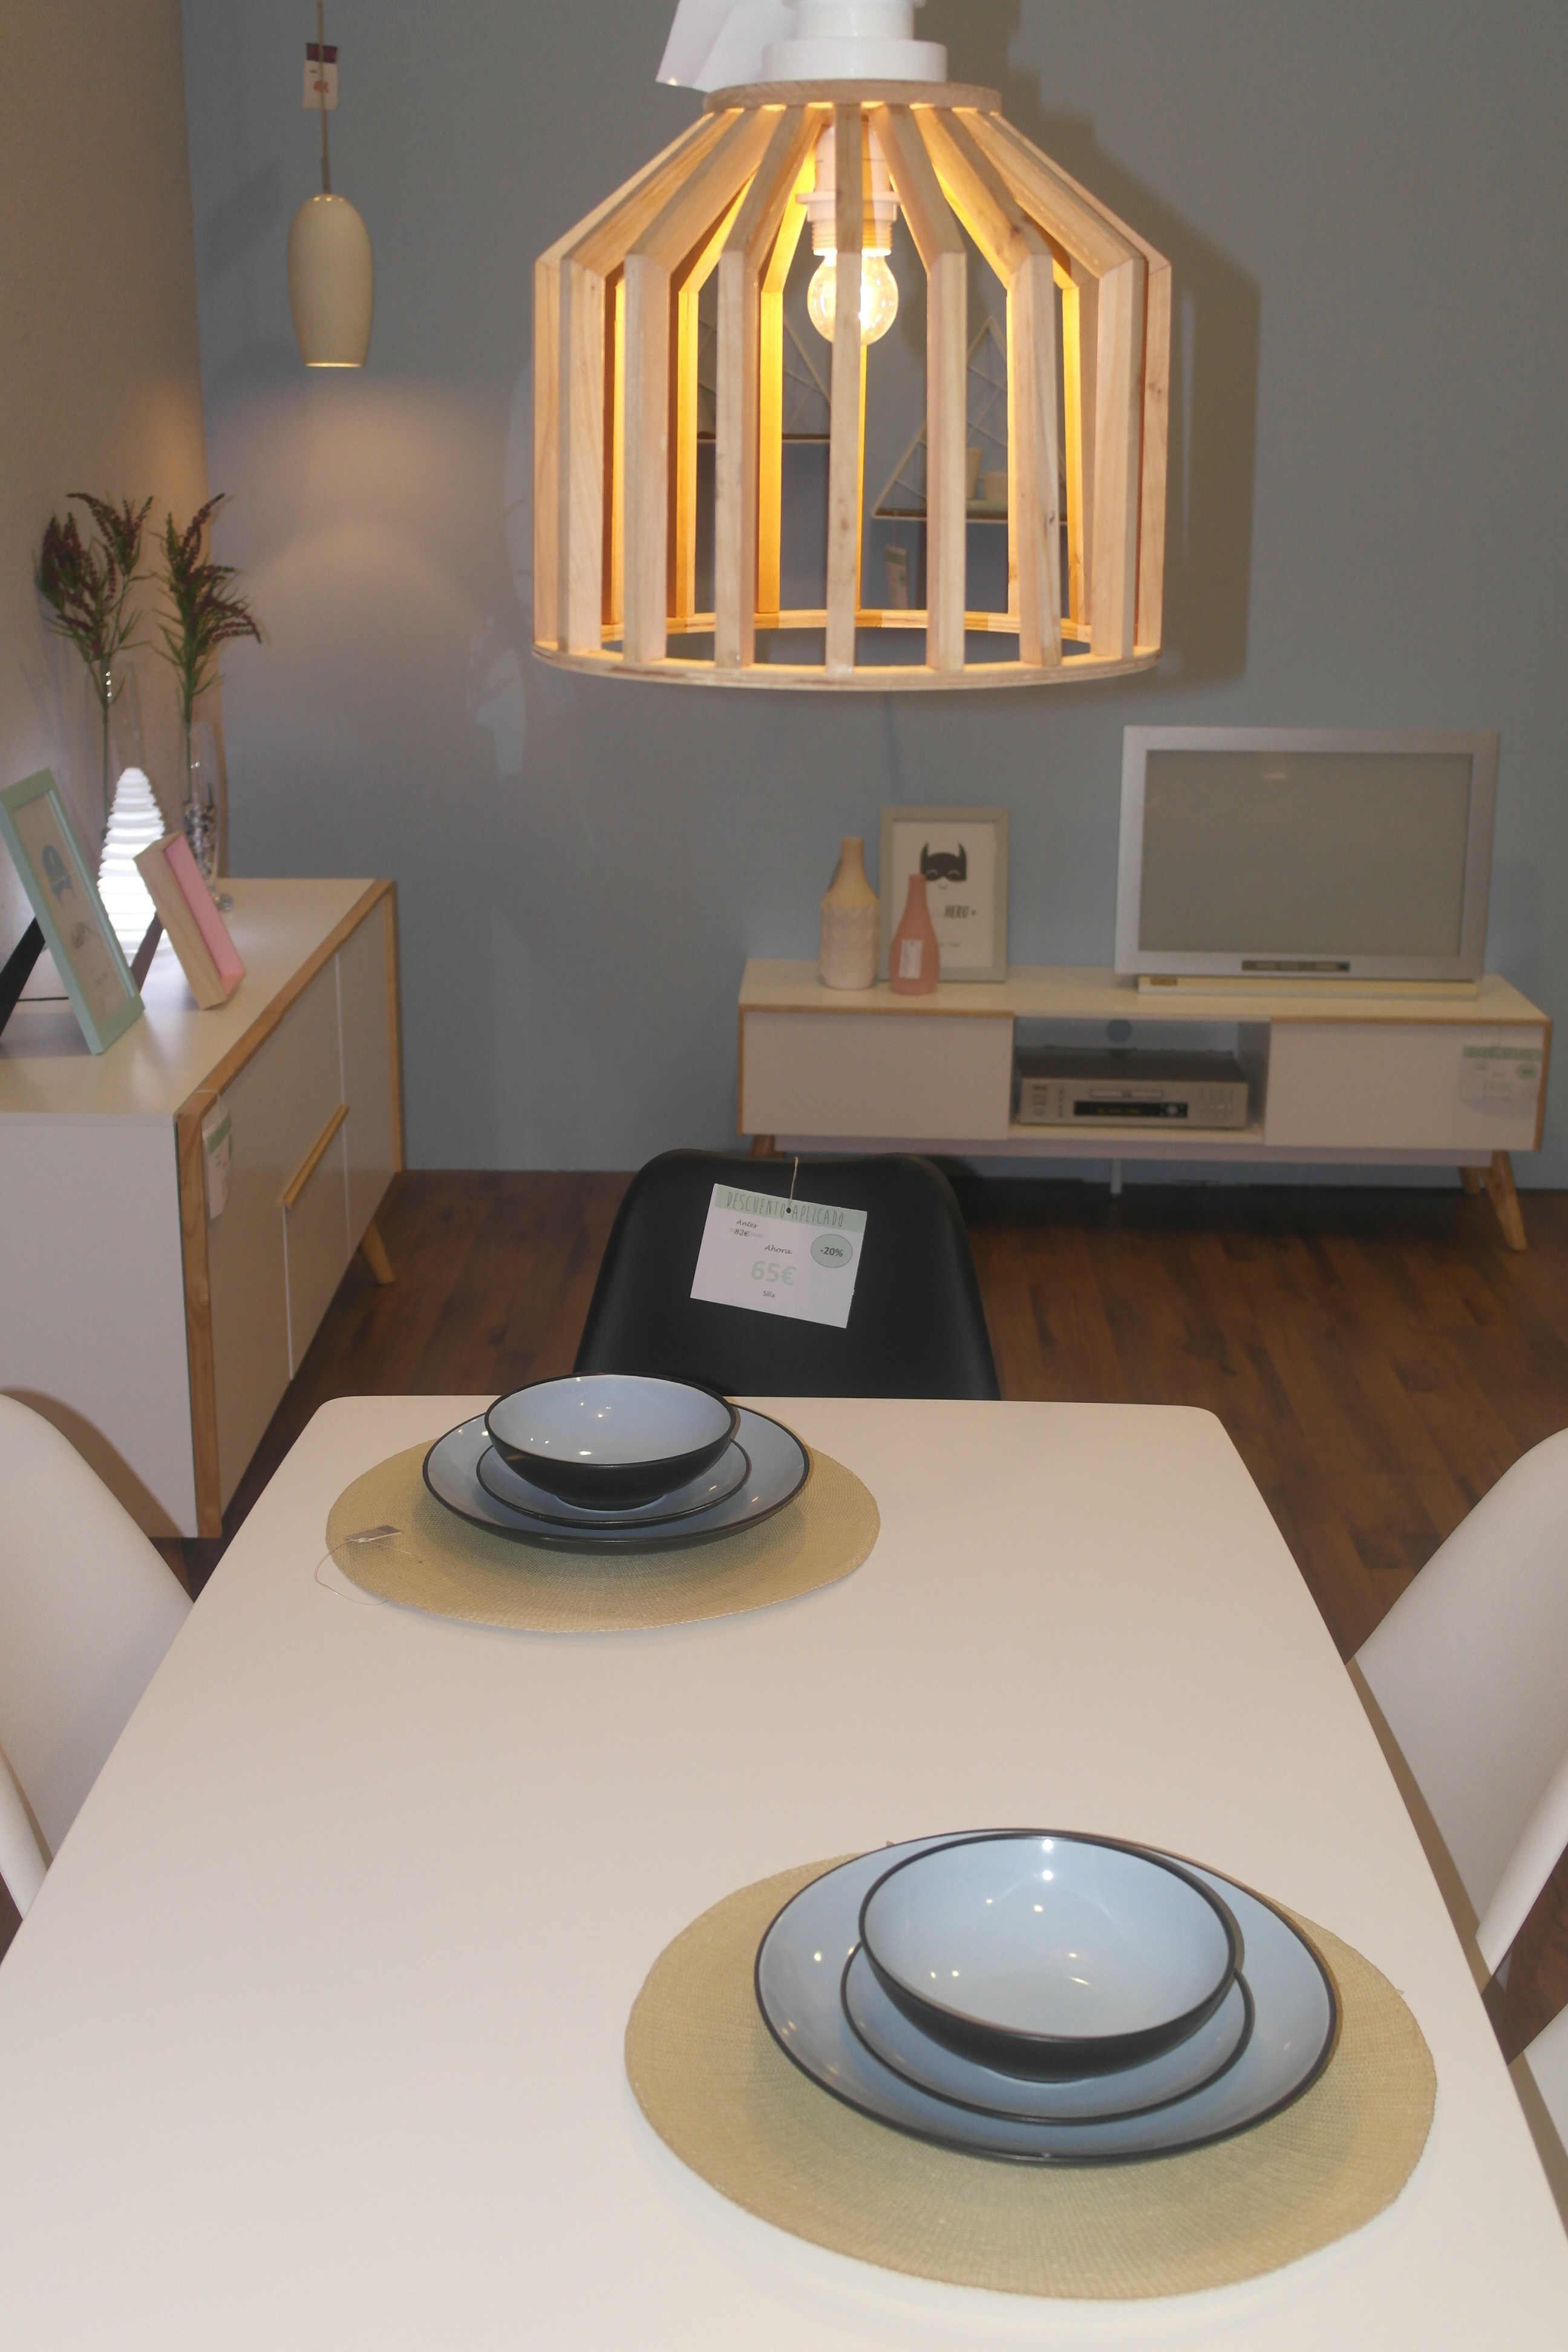 L mpara wood muebles passe avant - Lamparas alfafar ...